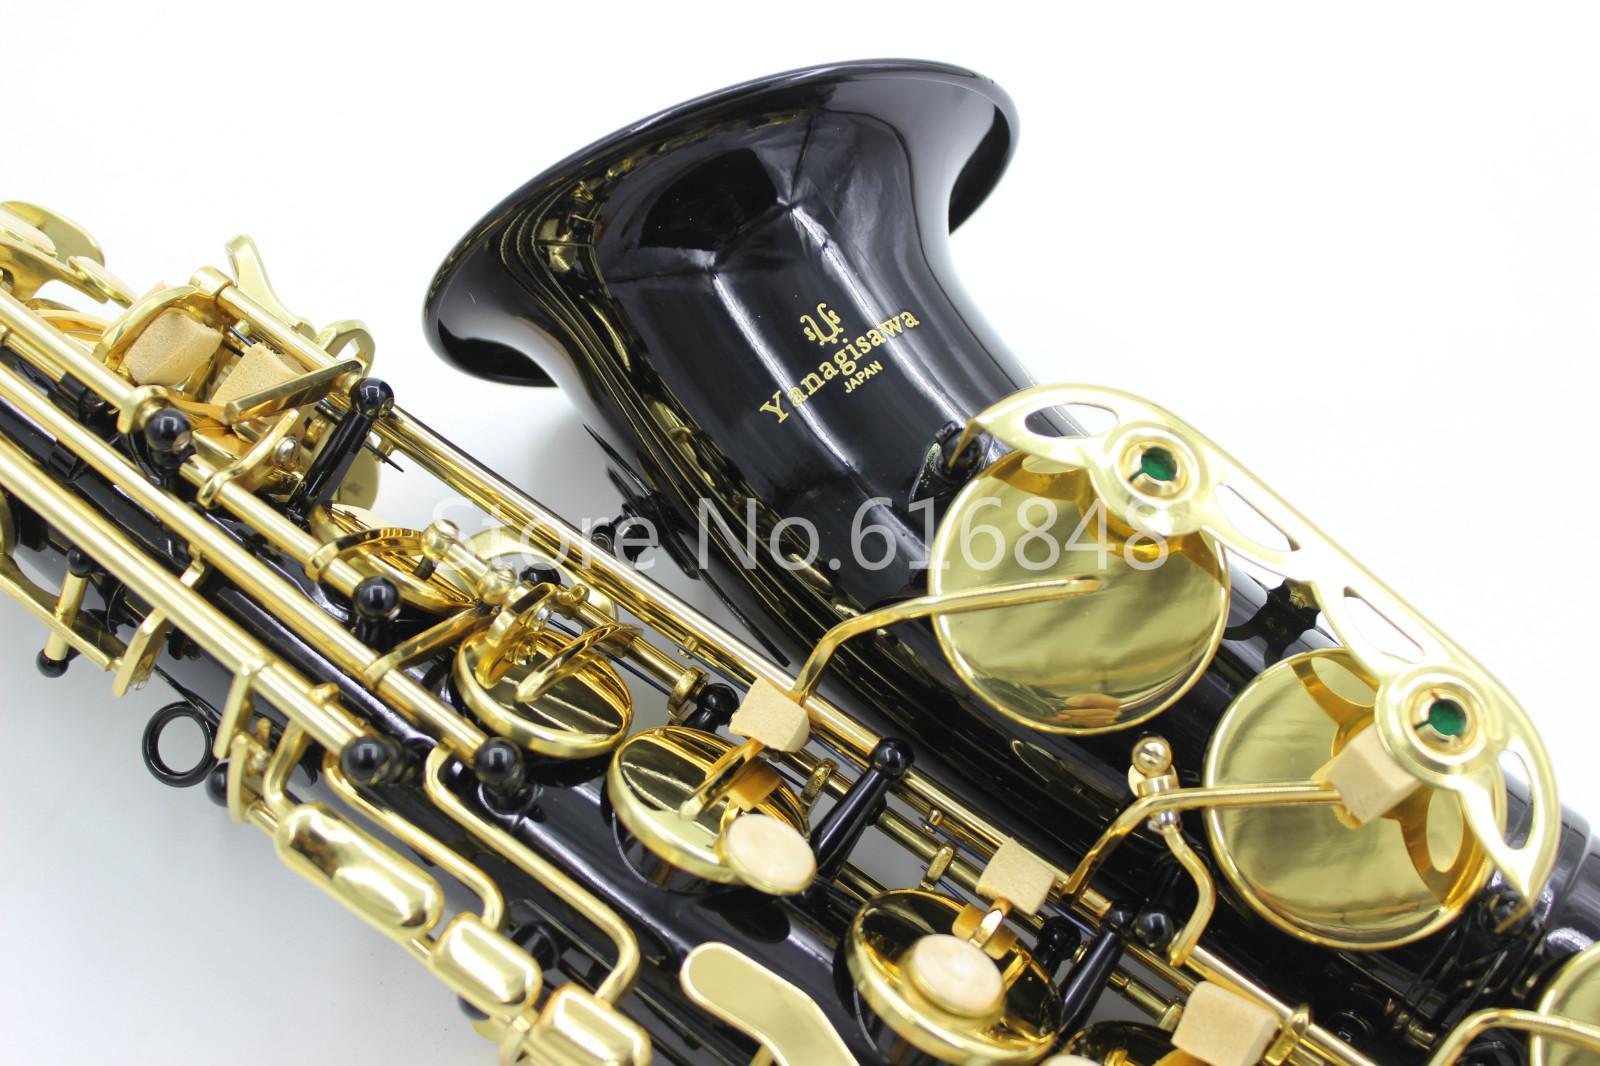 Nuovo di alta qualità Yanagisawa A-992 sassofono contralto Eb Tune ottone nero nichelato corpo oro lacca chiave strumento musicale sax con custodia